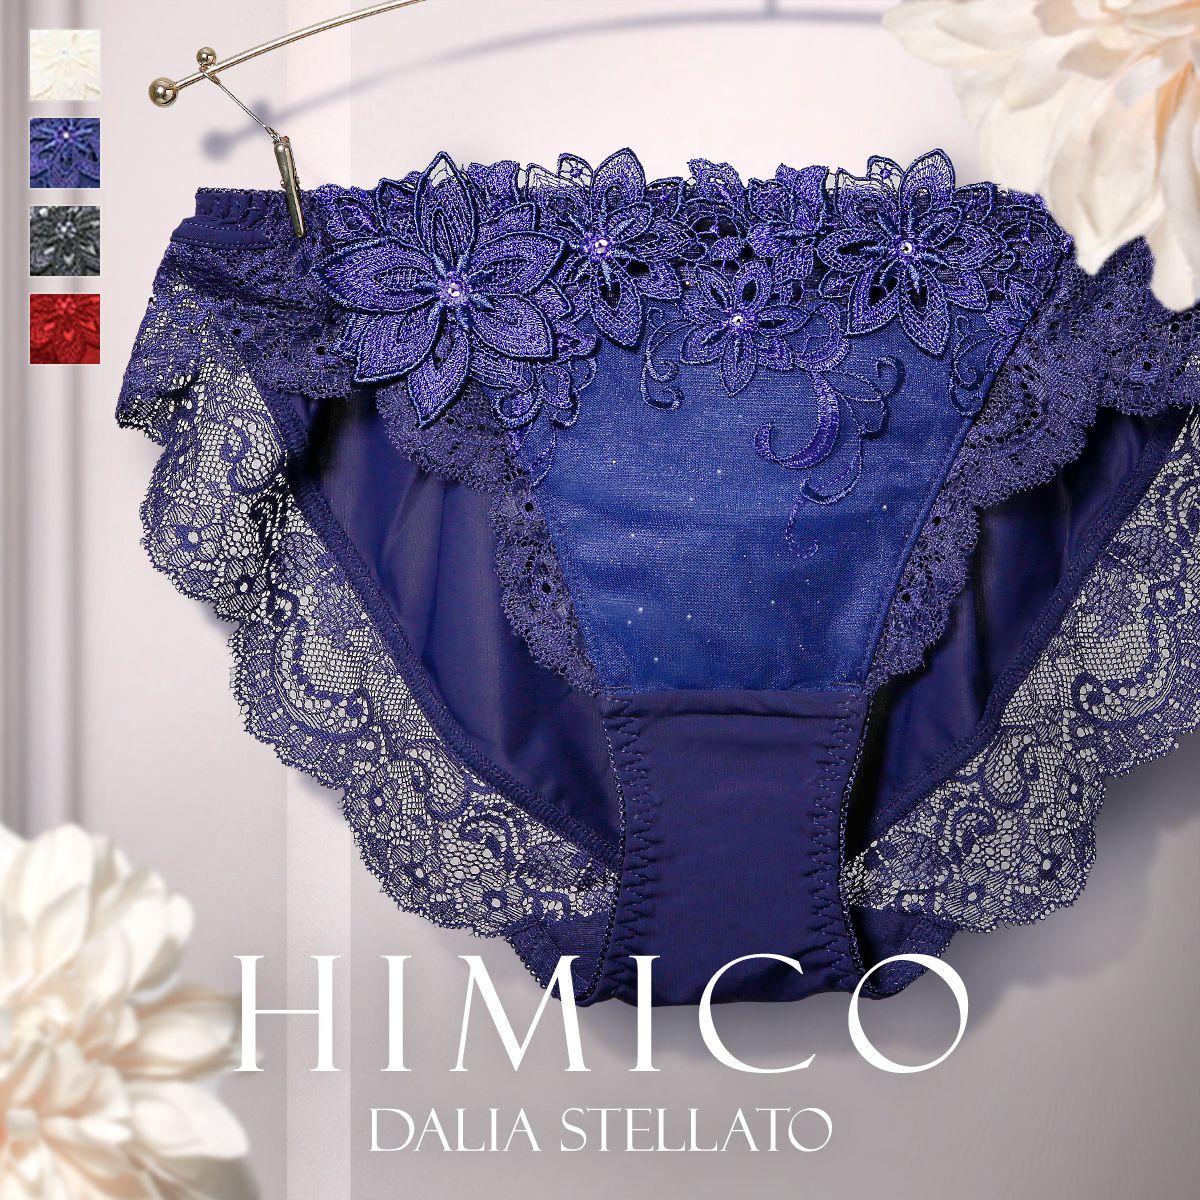 【メール便(4)】【送料無料】 HIMICO 澄んだ空気に燦めく Dalia Stellato ショーツ スタンダード ML 006series 単品 バックレース